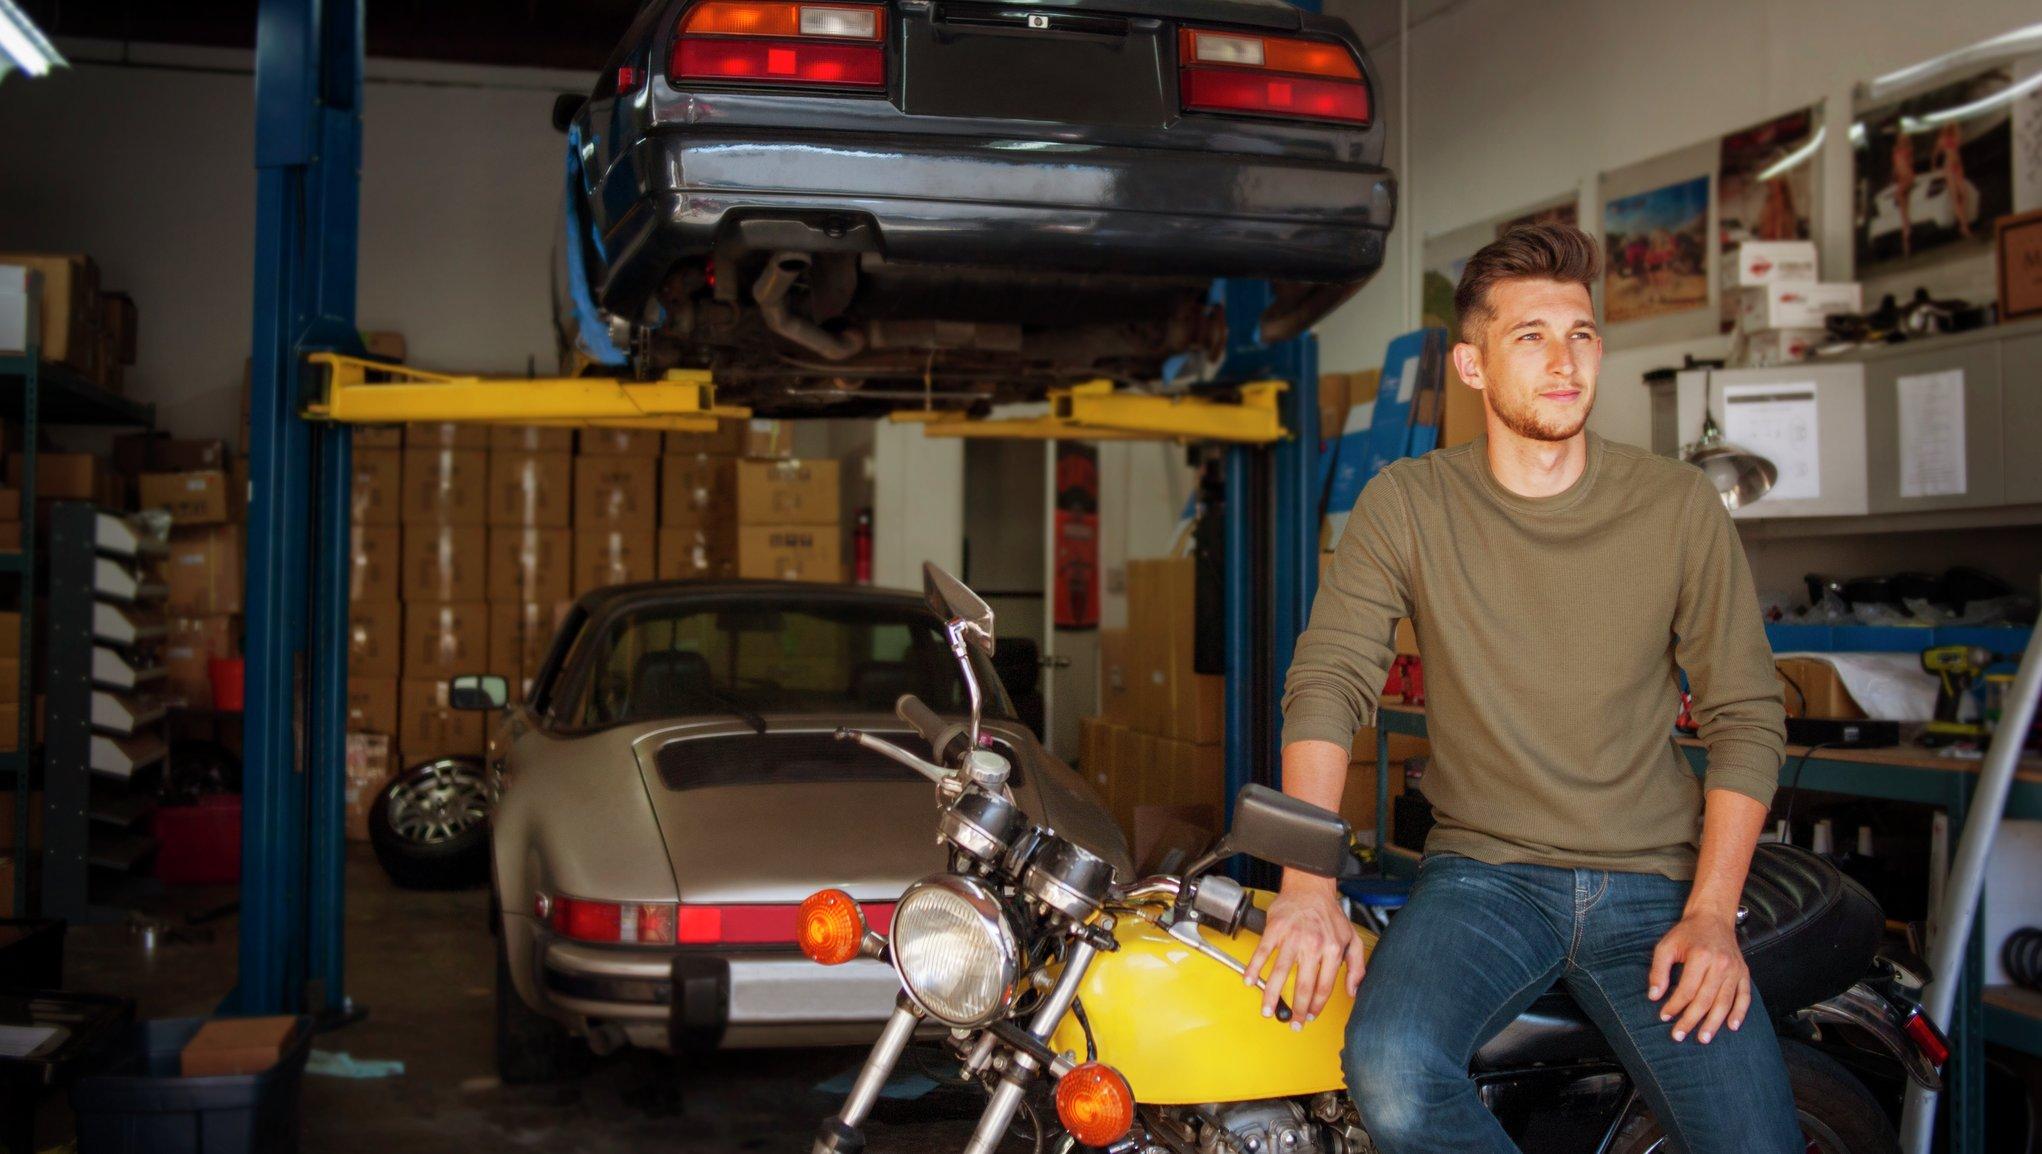 Mies autotallissa kahden auton ja moottoripyörän kanssa